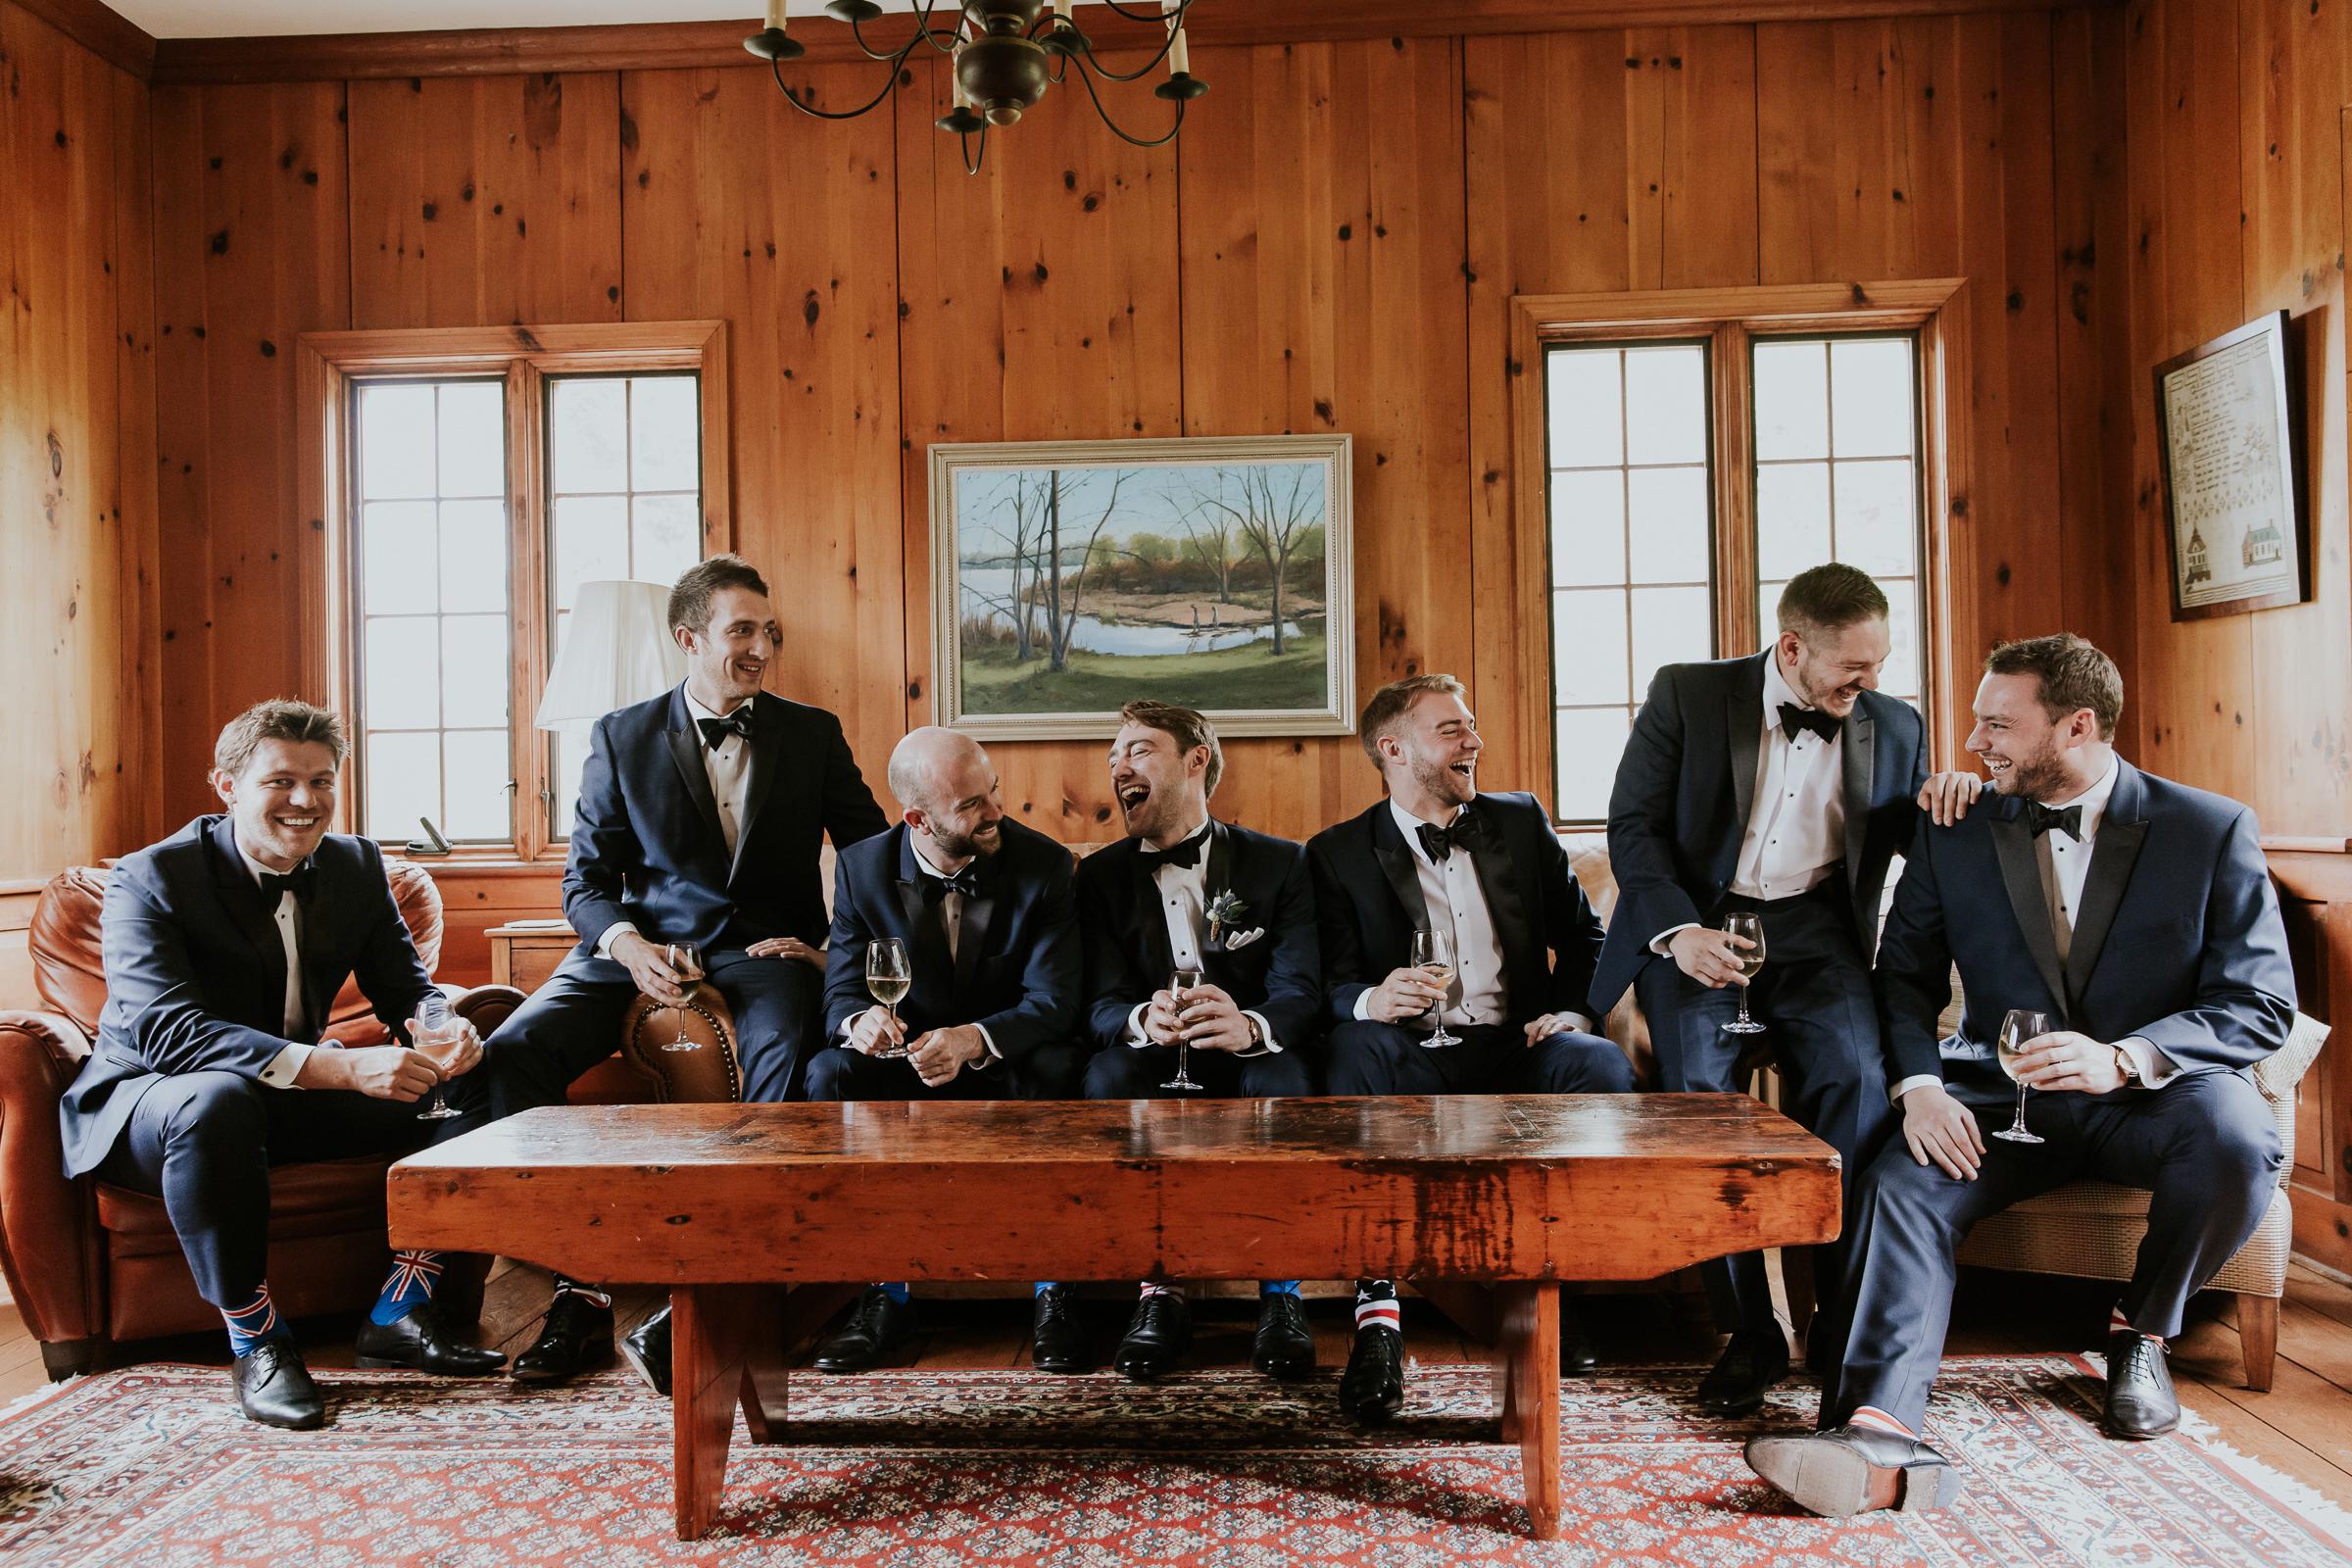 Crossed-Keys-Estate-Andover-NJ-Fine-Art-Documentary-Wedding-Photographer-34.jpg